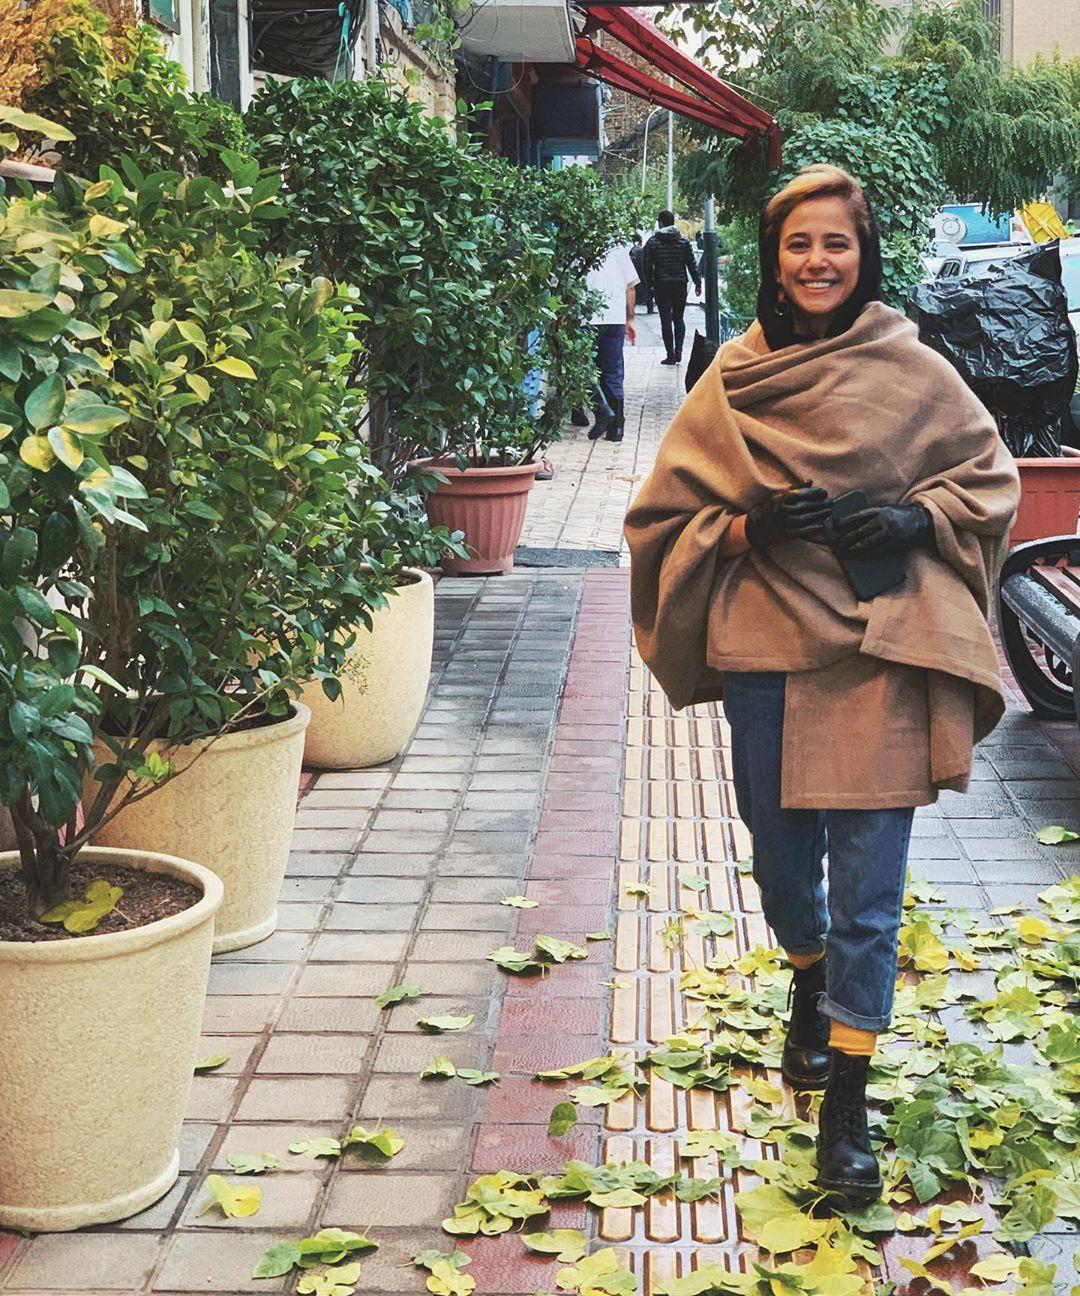 الناز حبیبی با لباسی شبیه به پتو در خیابان+عکس